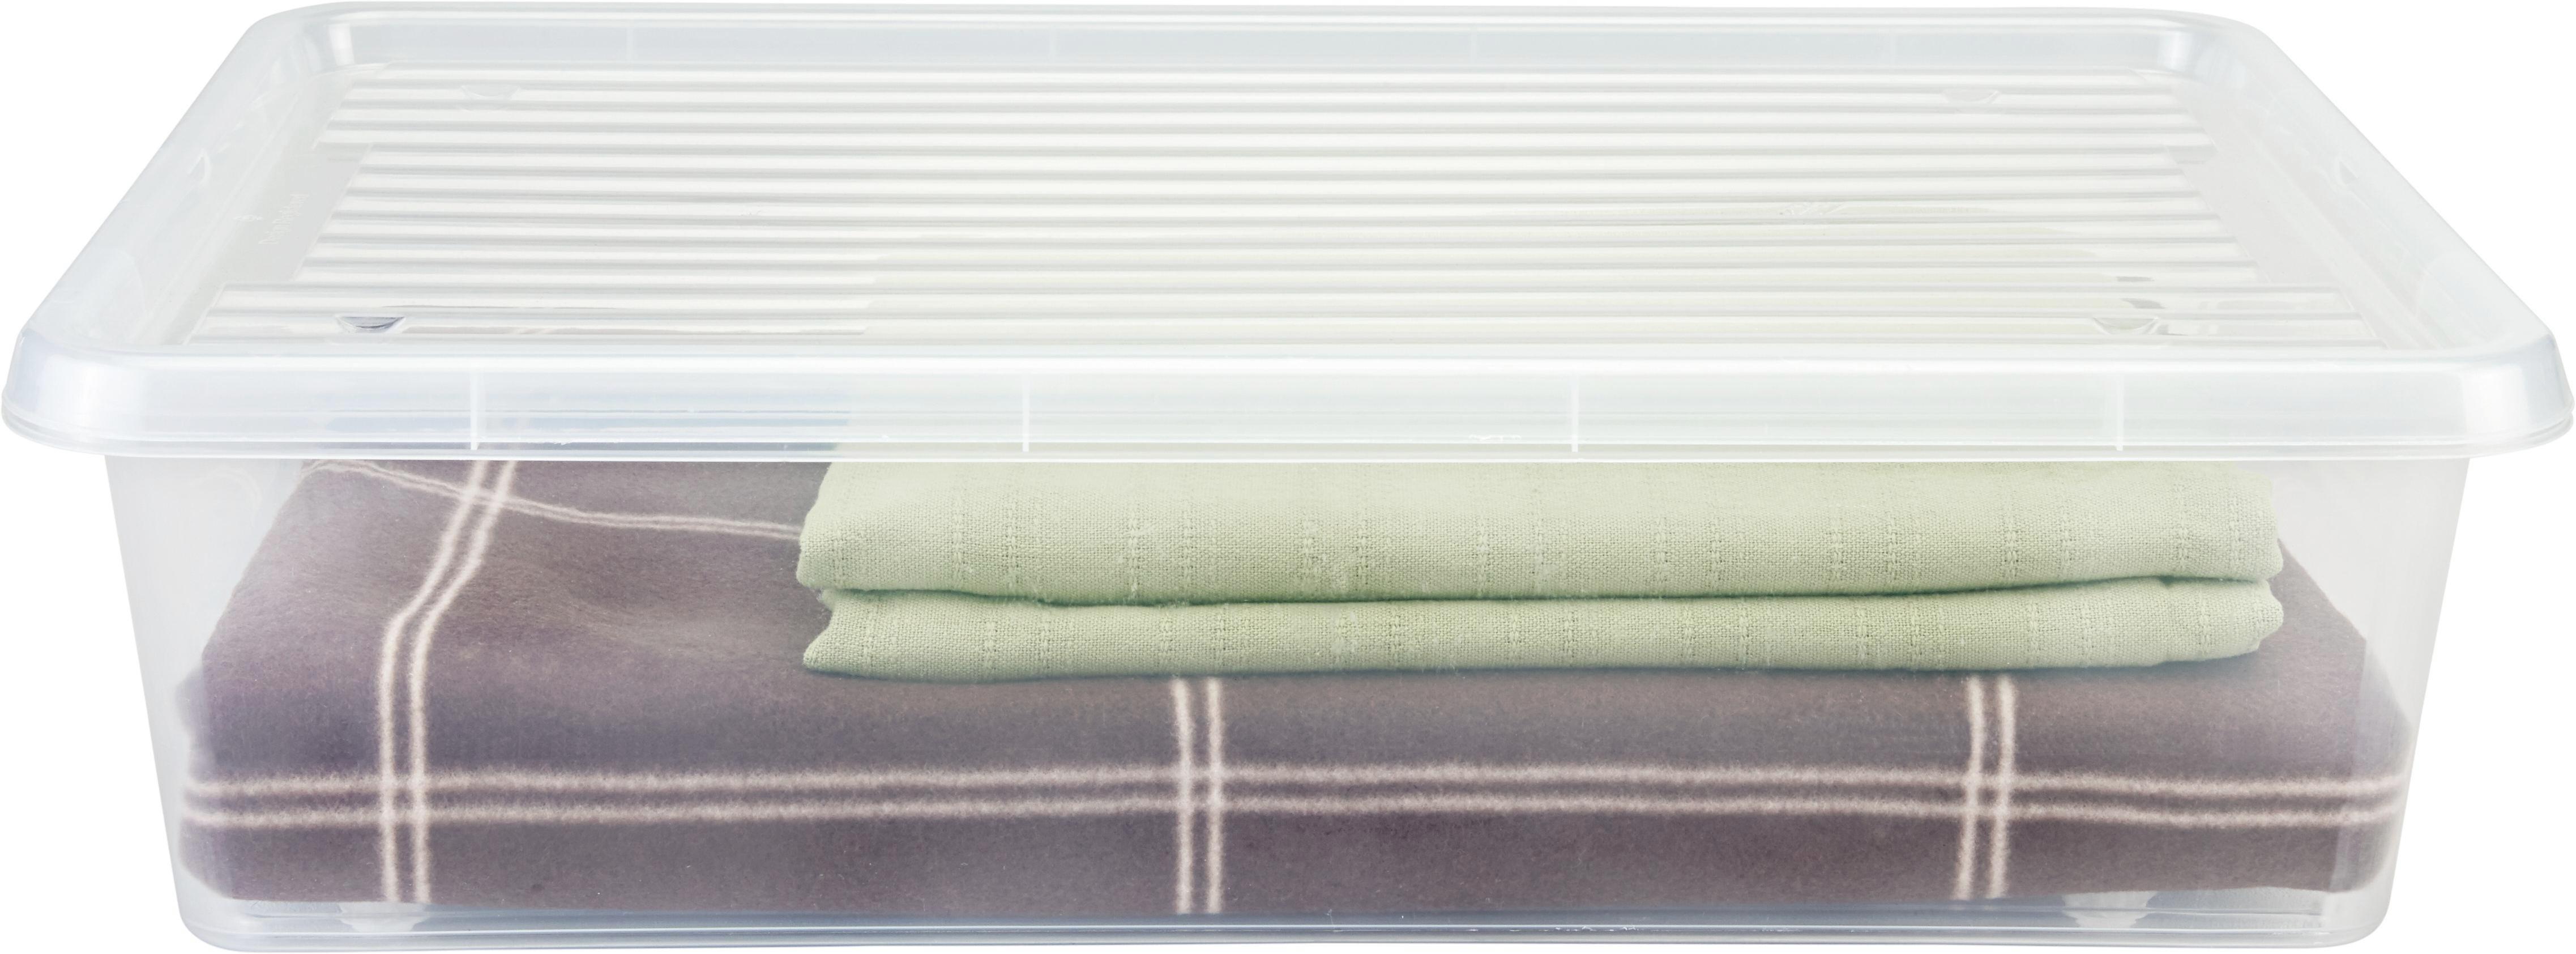 Ágy Alatti Tároló Aiko - tiszta, műanyag (57/39/17cm) - MÖMAX modern living